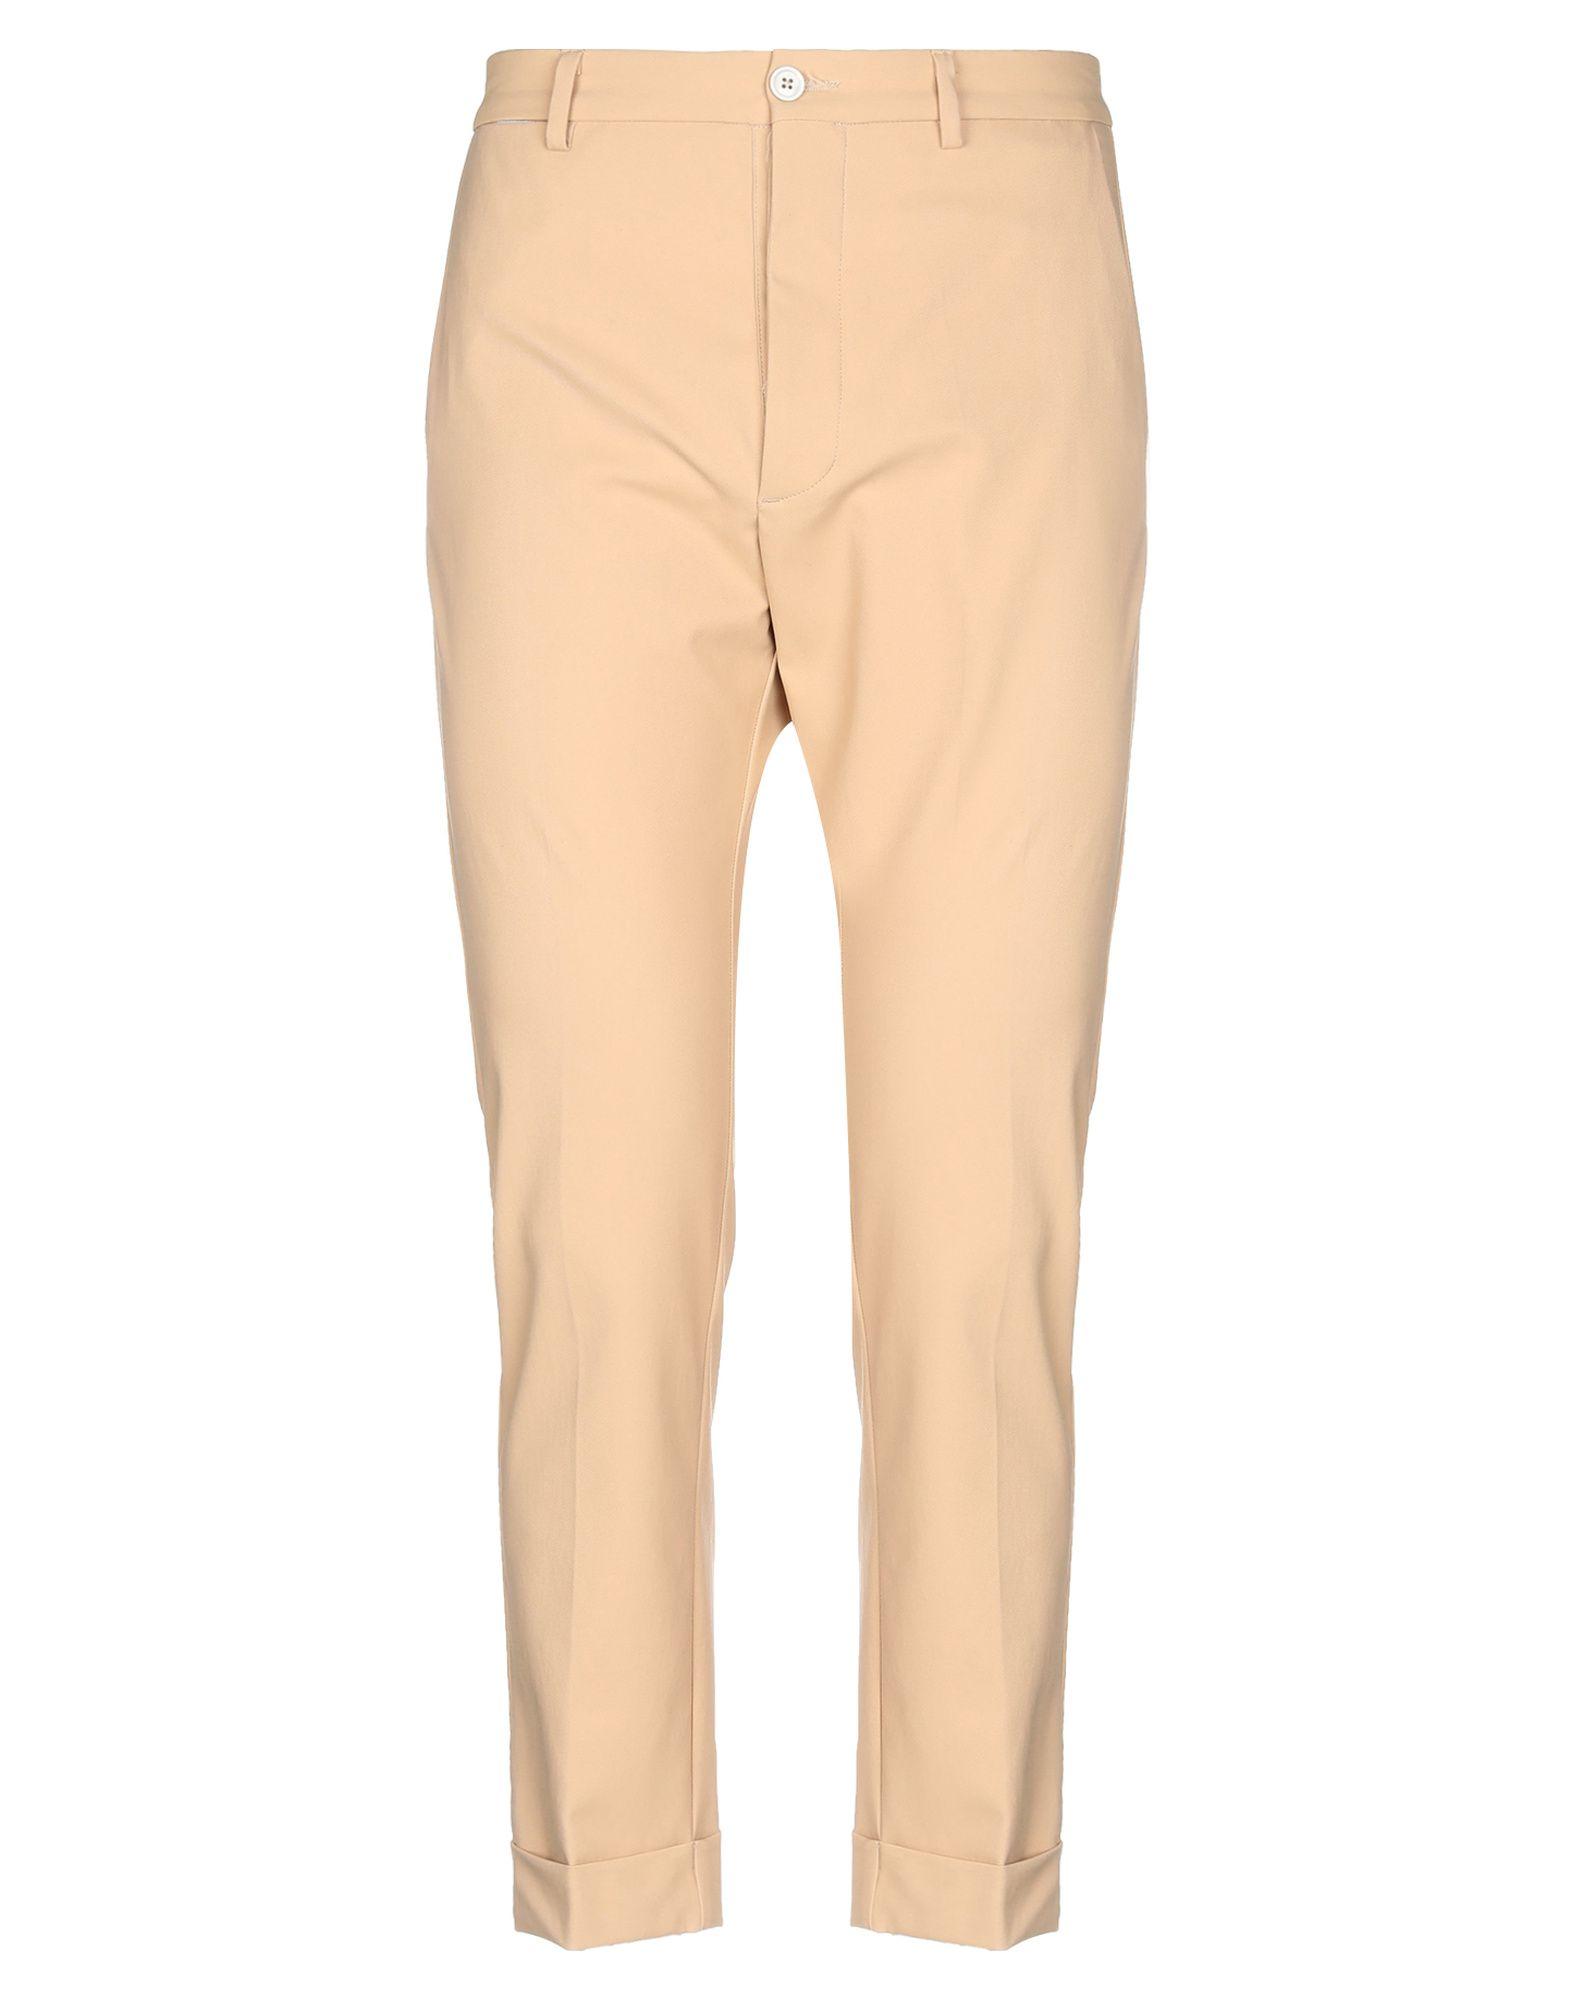 Фото - LA SARTORIA Повседневные брюки sartoria toscana повседневные брюки